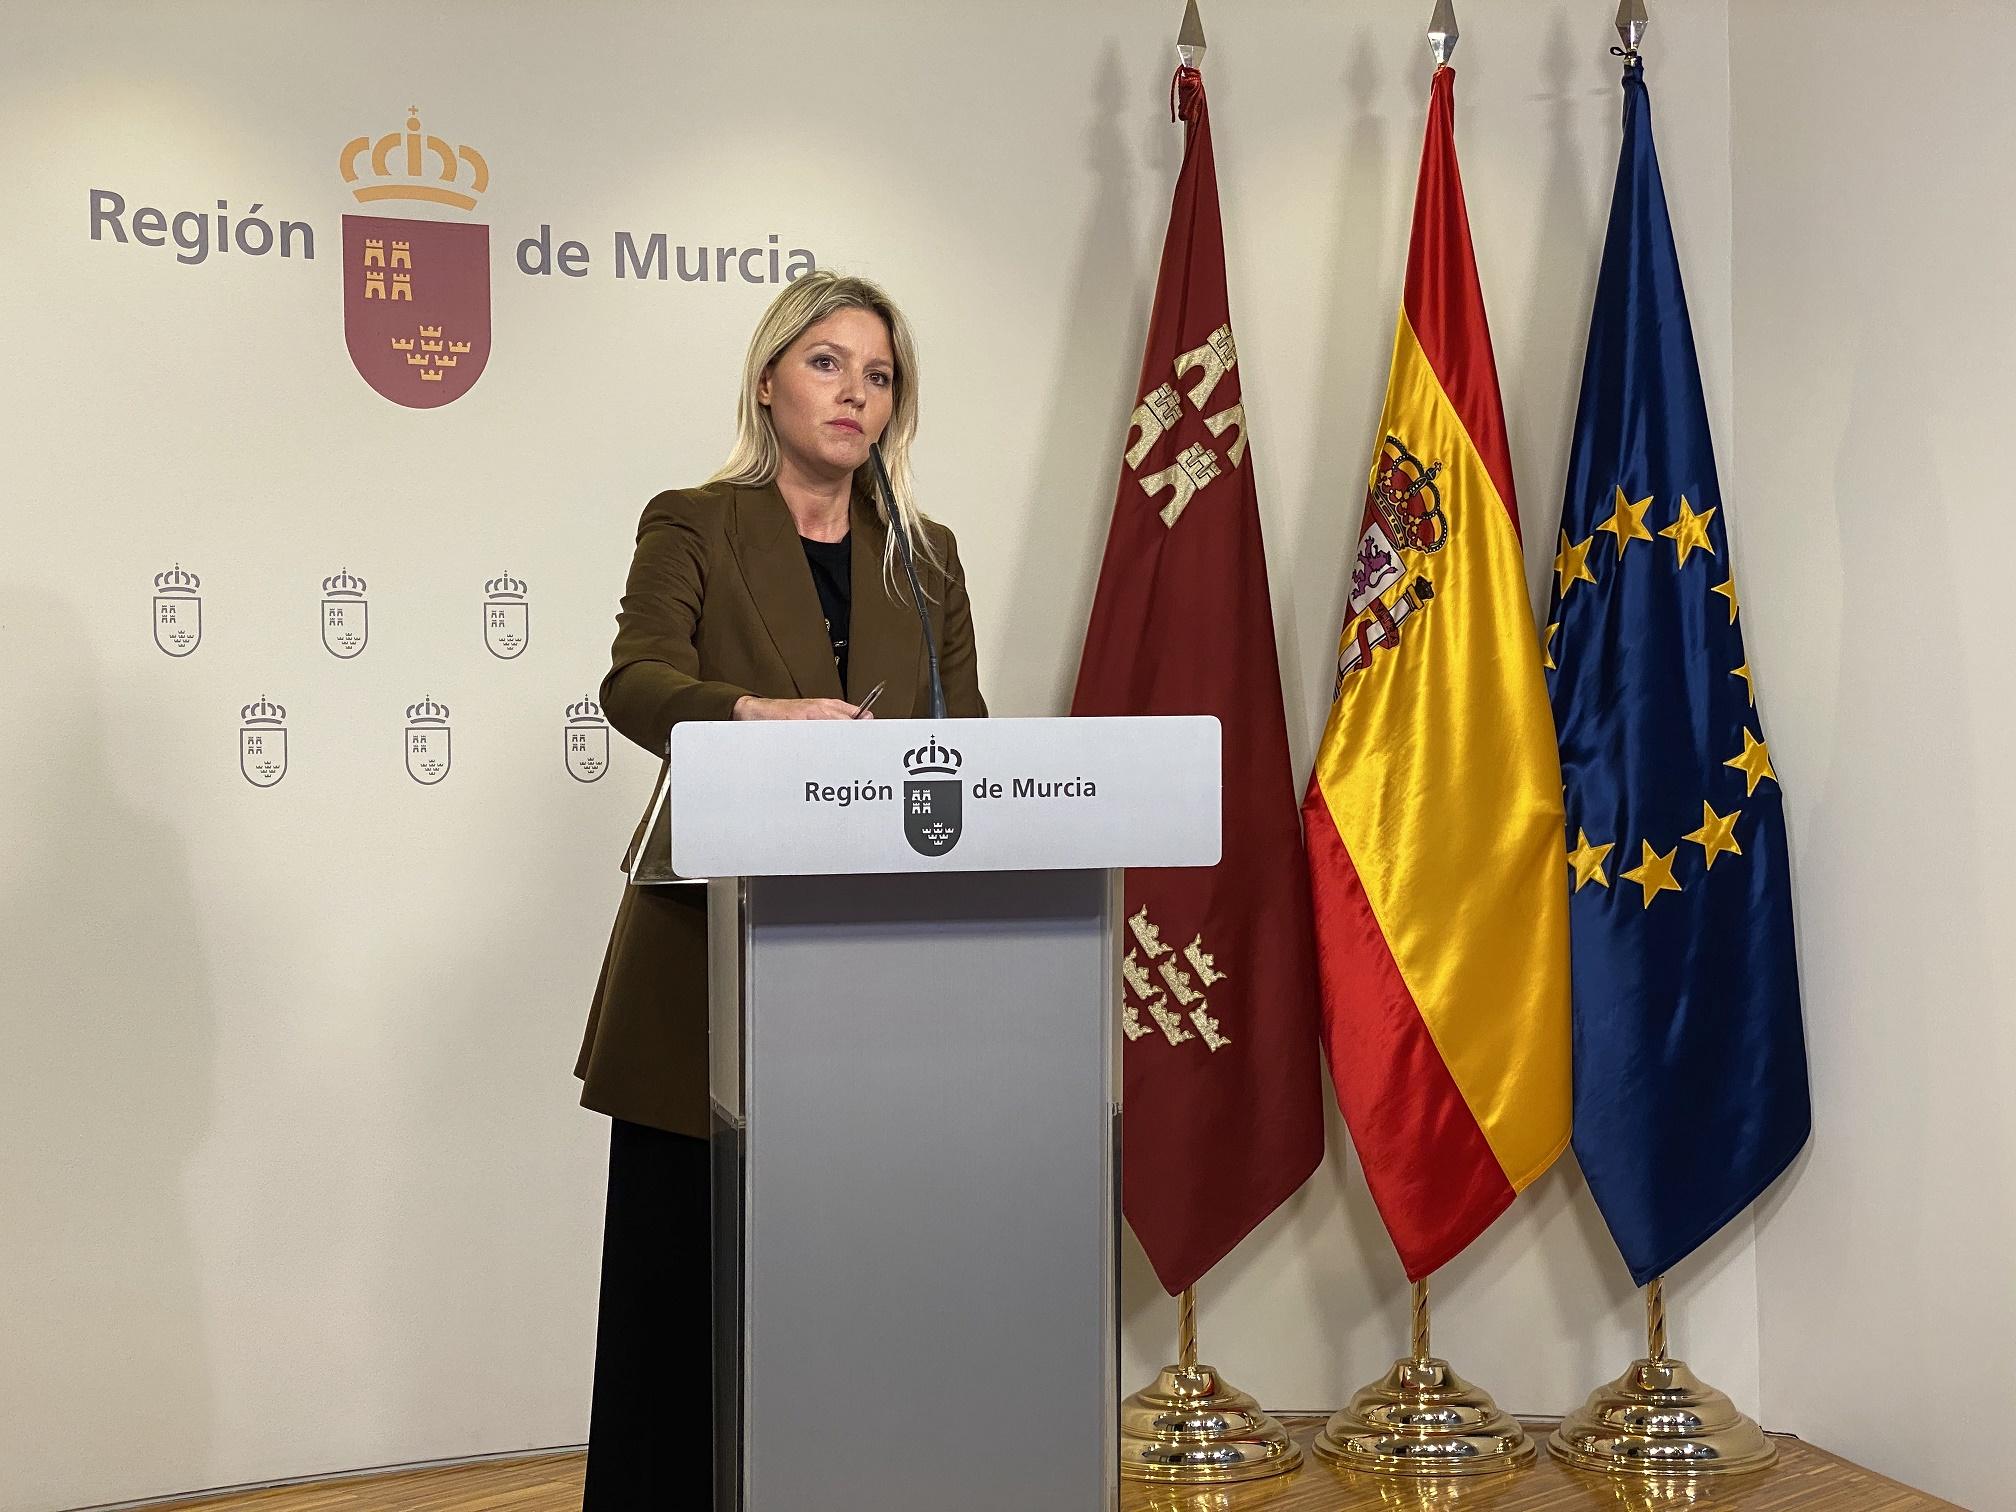 La portavoz del Ejecutivo regional, Ana Martínez Vidal, compareció hoy en rueda de prensa para informar de los asuntos tratados en la reunión del Consejo de Gobierno. Imagen: CARM